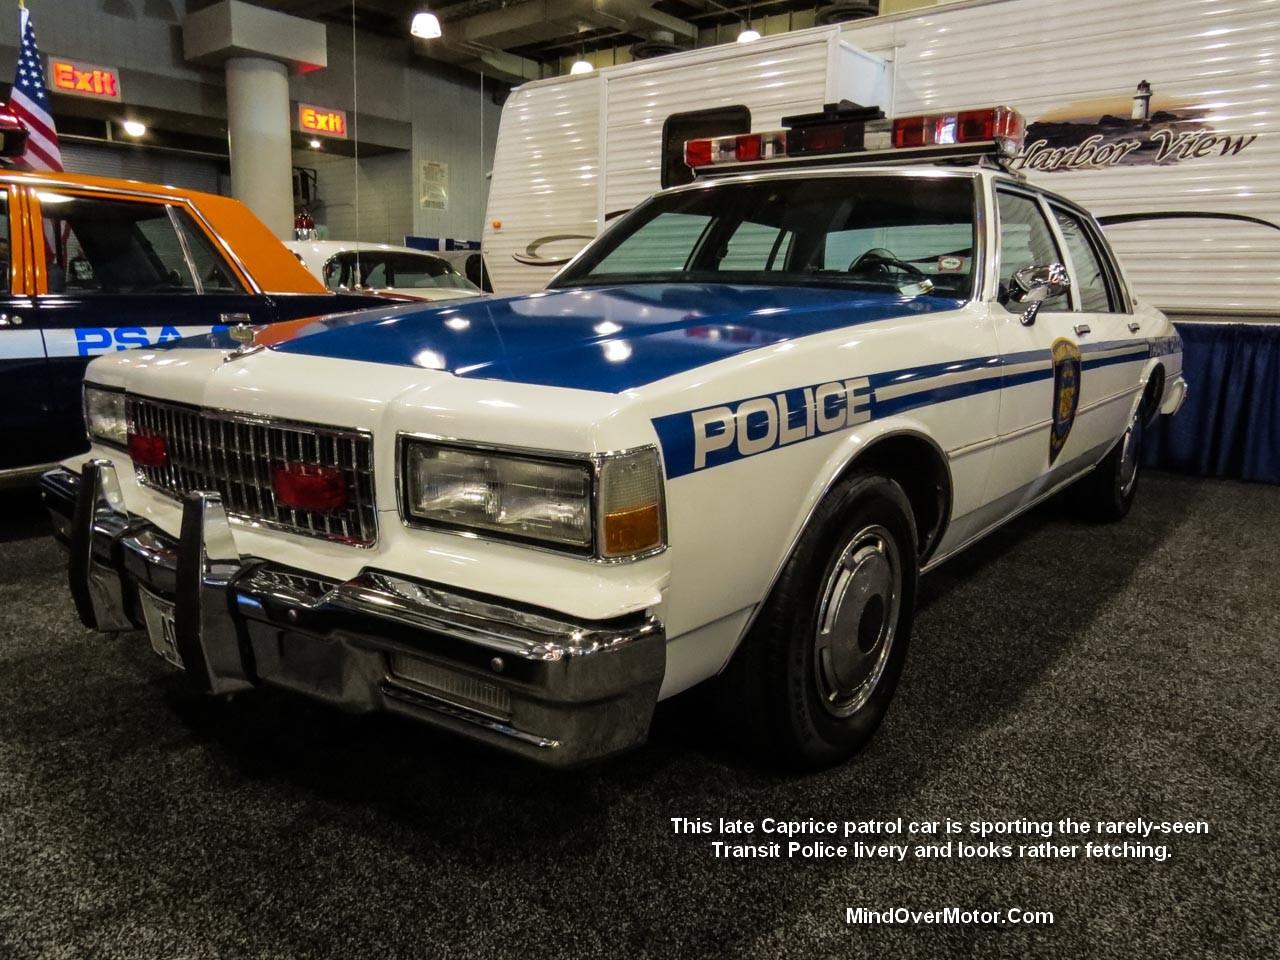 Chevrolet Caprice NY Transit Police Car